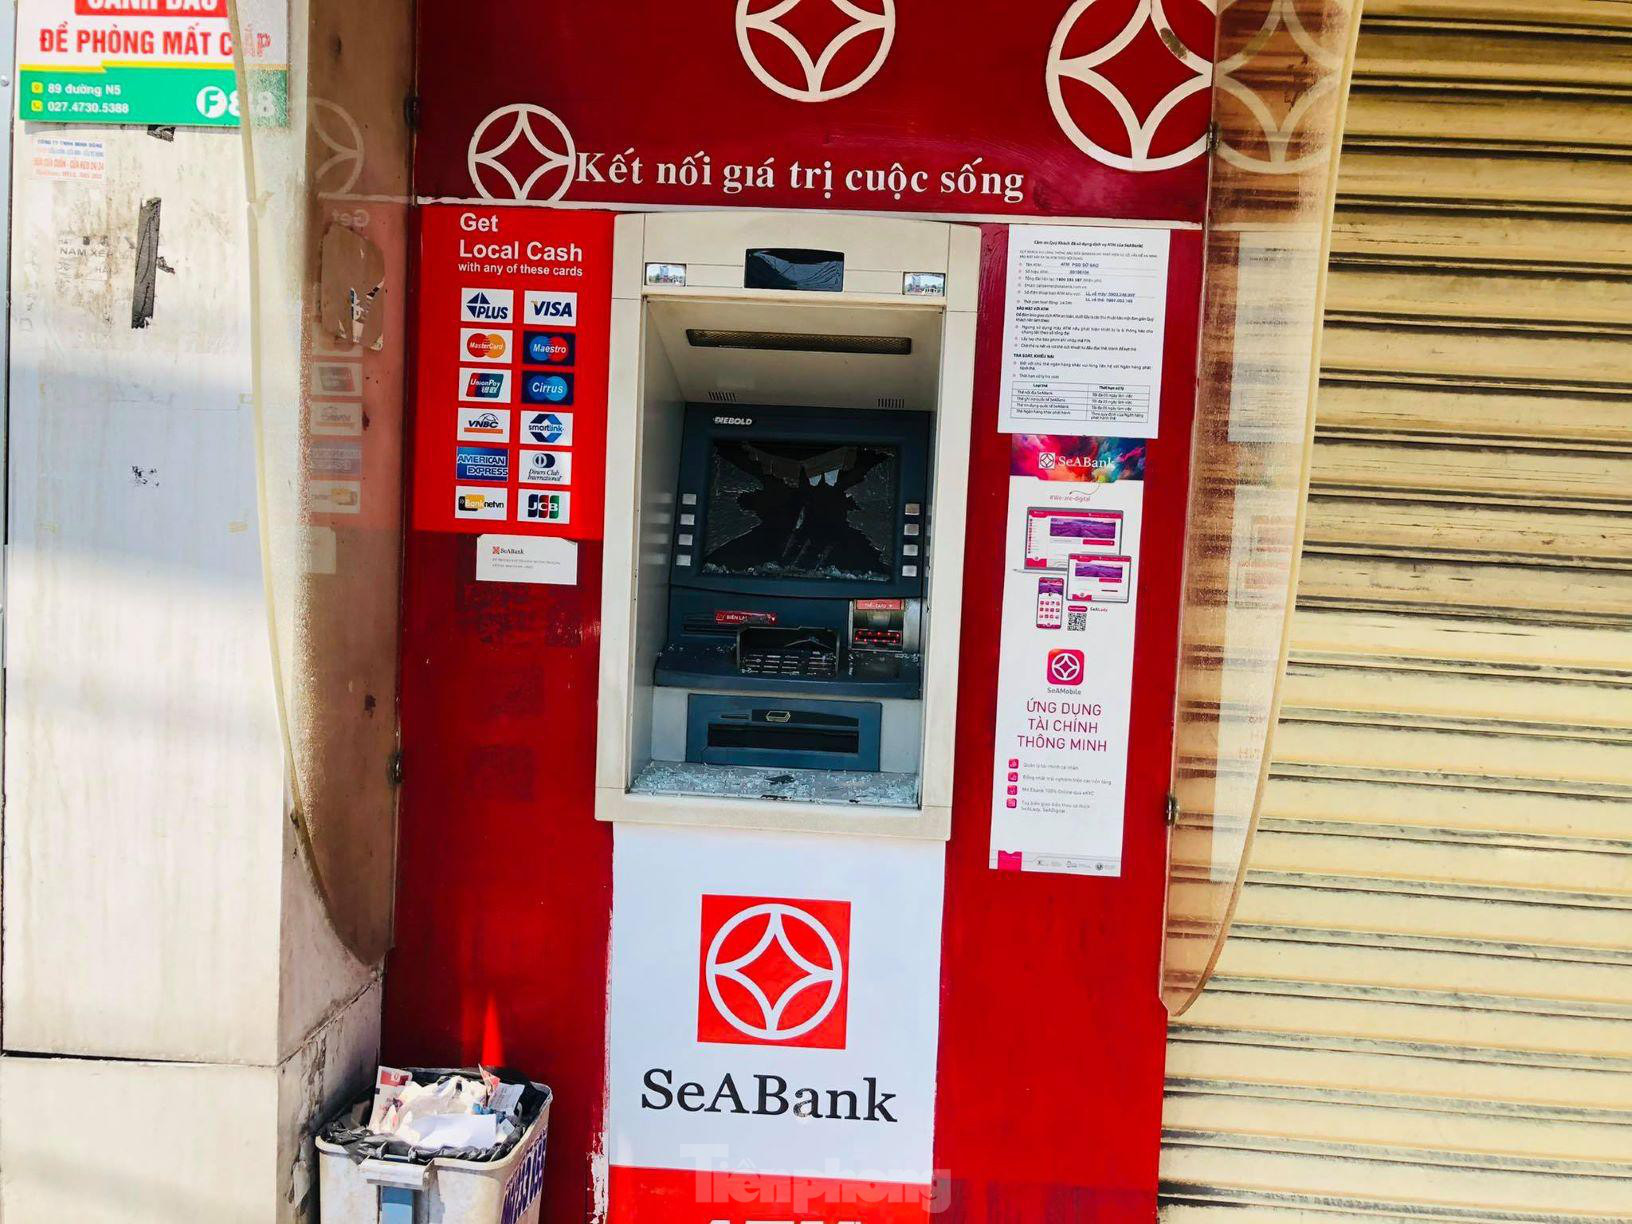 Loạt cây ATM bị đập phá ở Bình Dương - Ảnh 2.